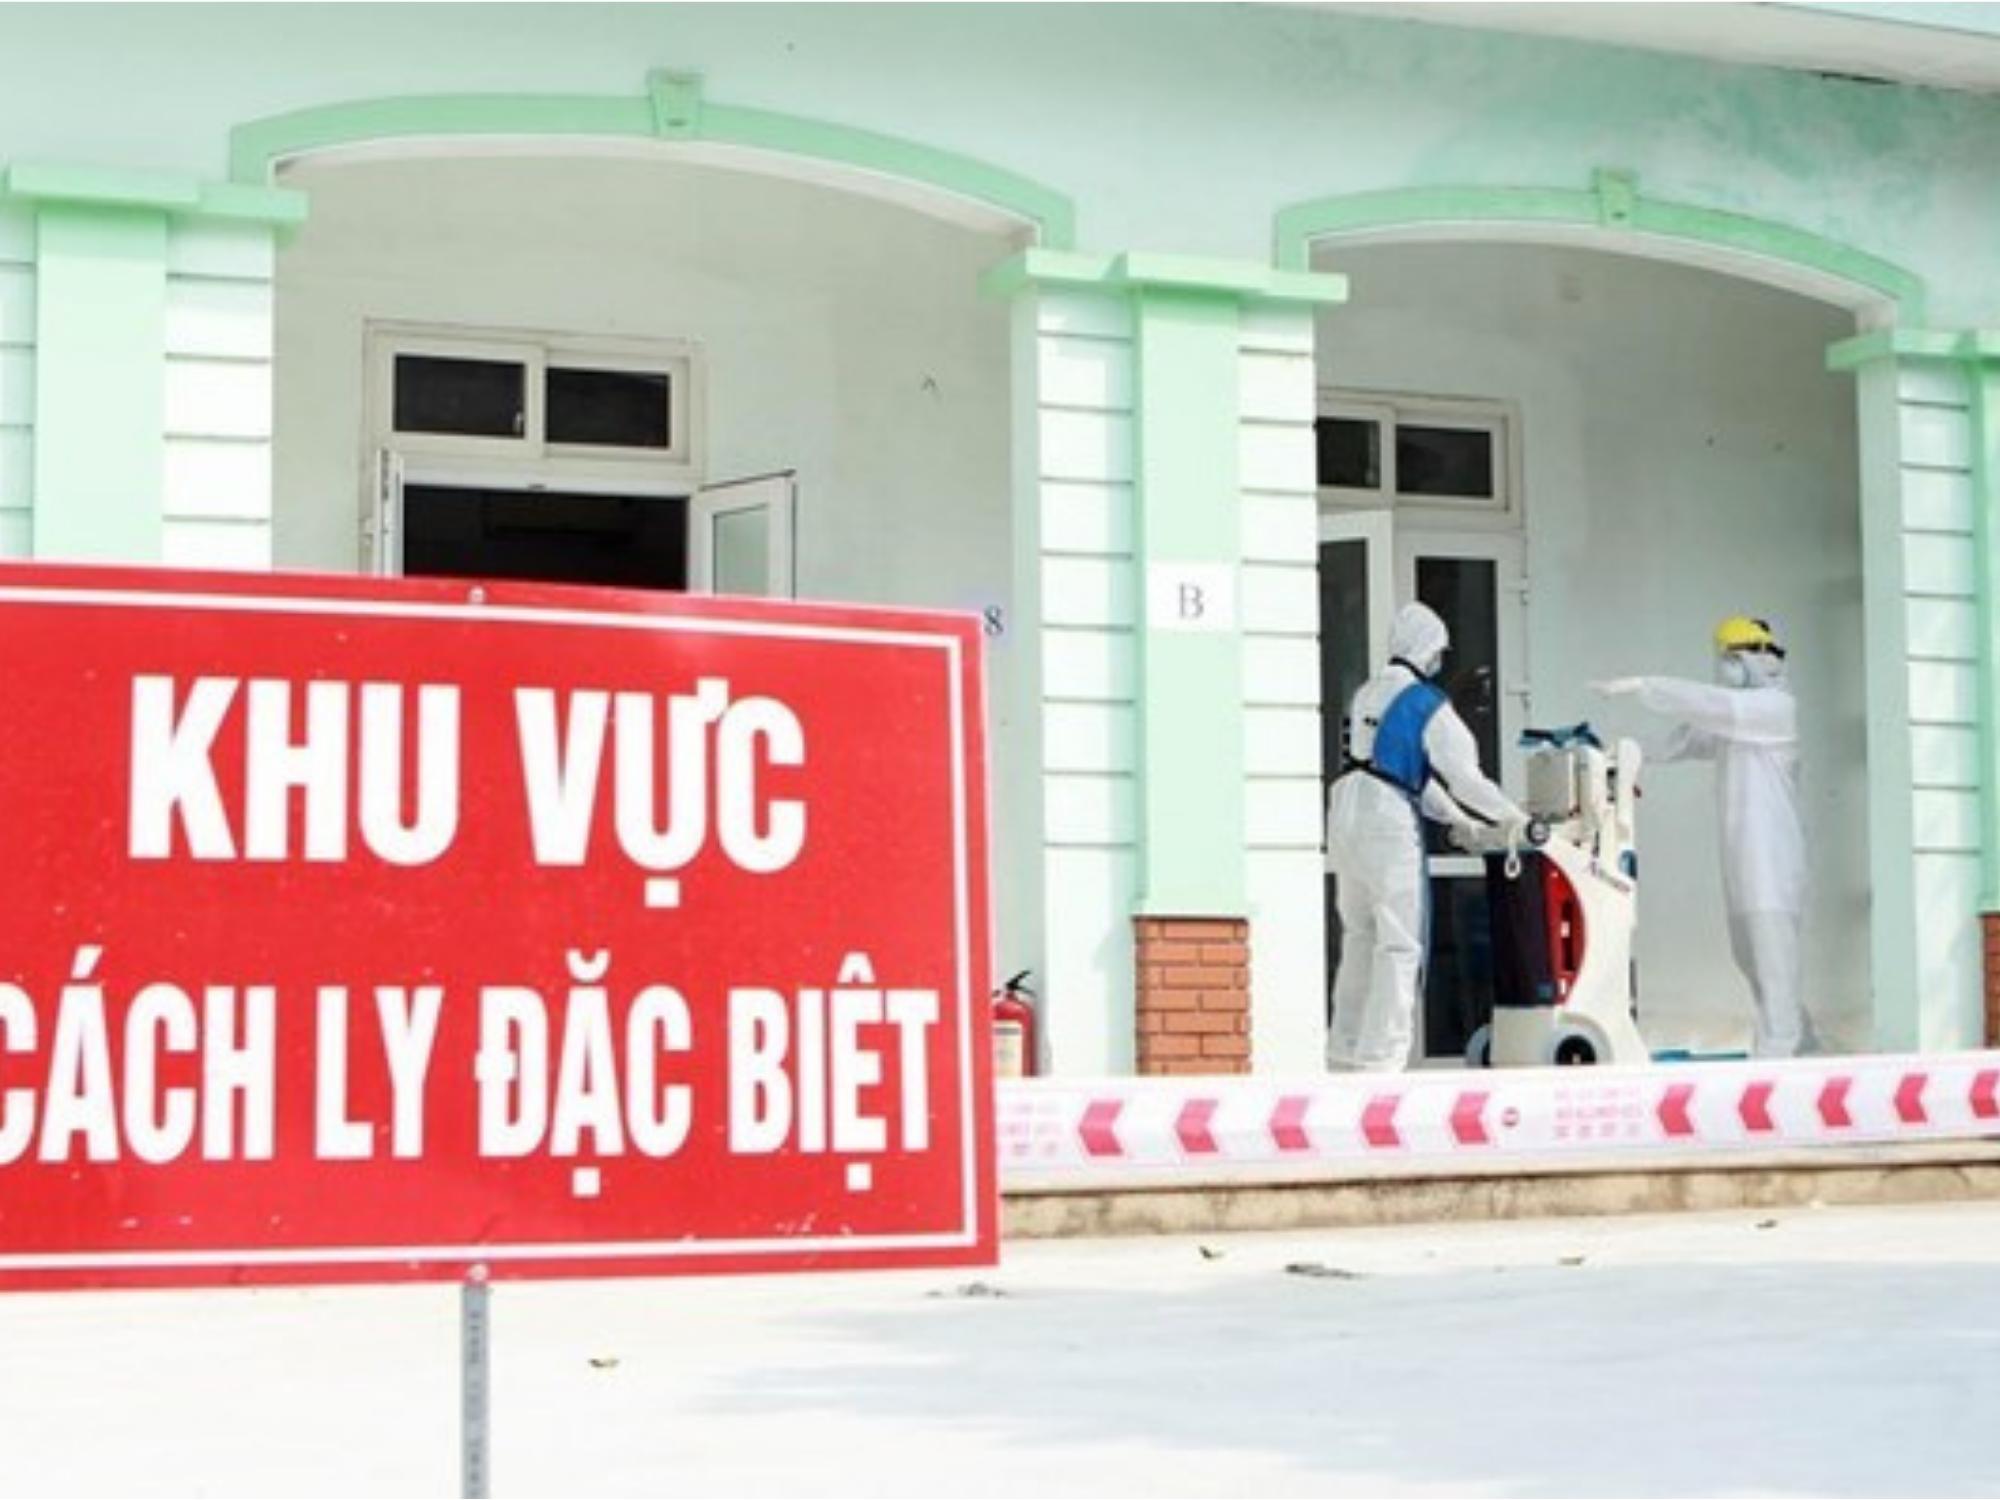 Quảng Ninh bắt buộc cách ly tập trung thêm 7 ngày với người đã hoàn thành cách ly ở nơi khác